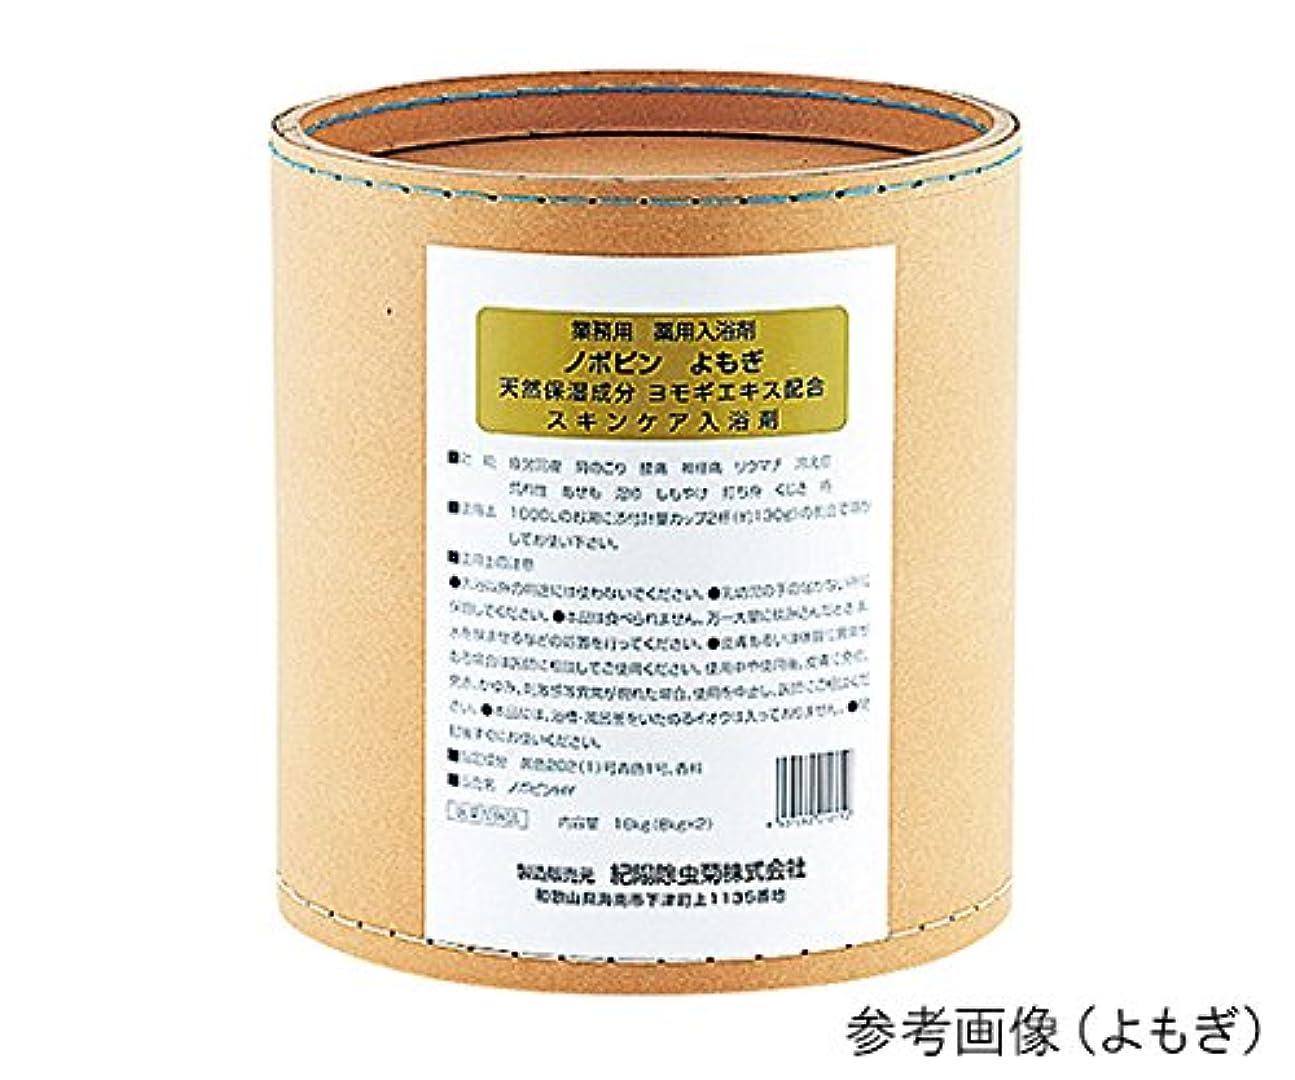 谷四ホイッスル紀陽除虫菊7-2541-04業務用薬用入浴剤(ノボピン)よもぎ(8kg×2個入)